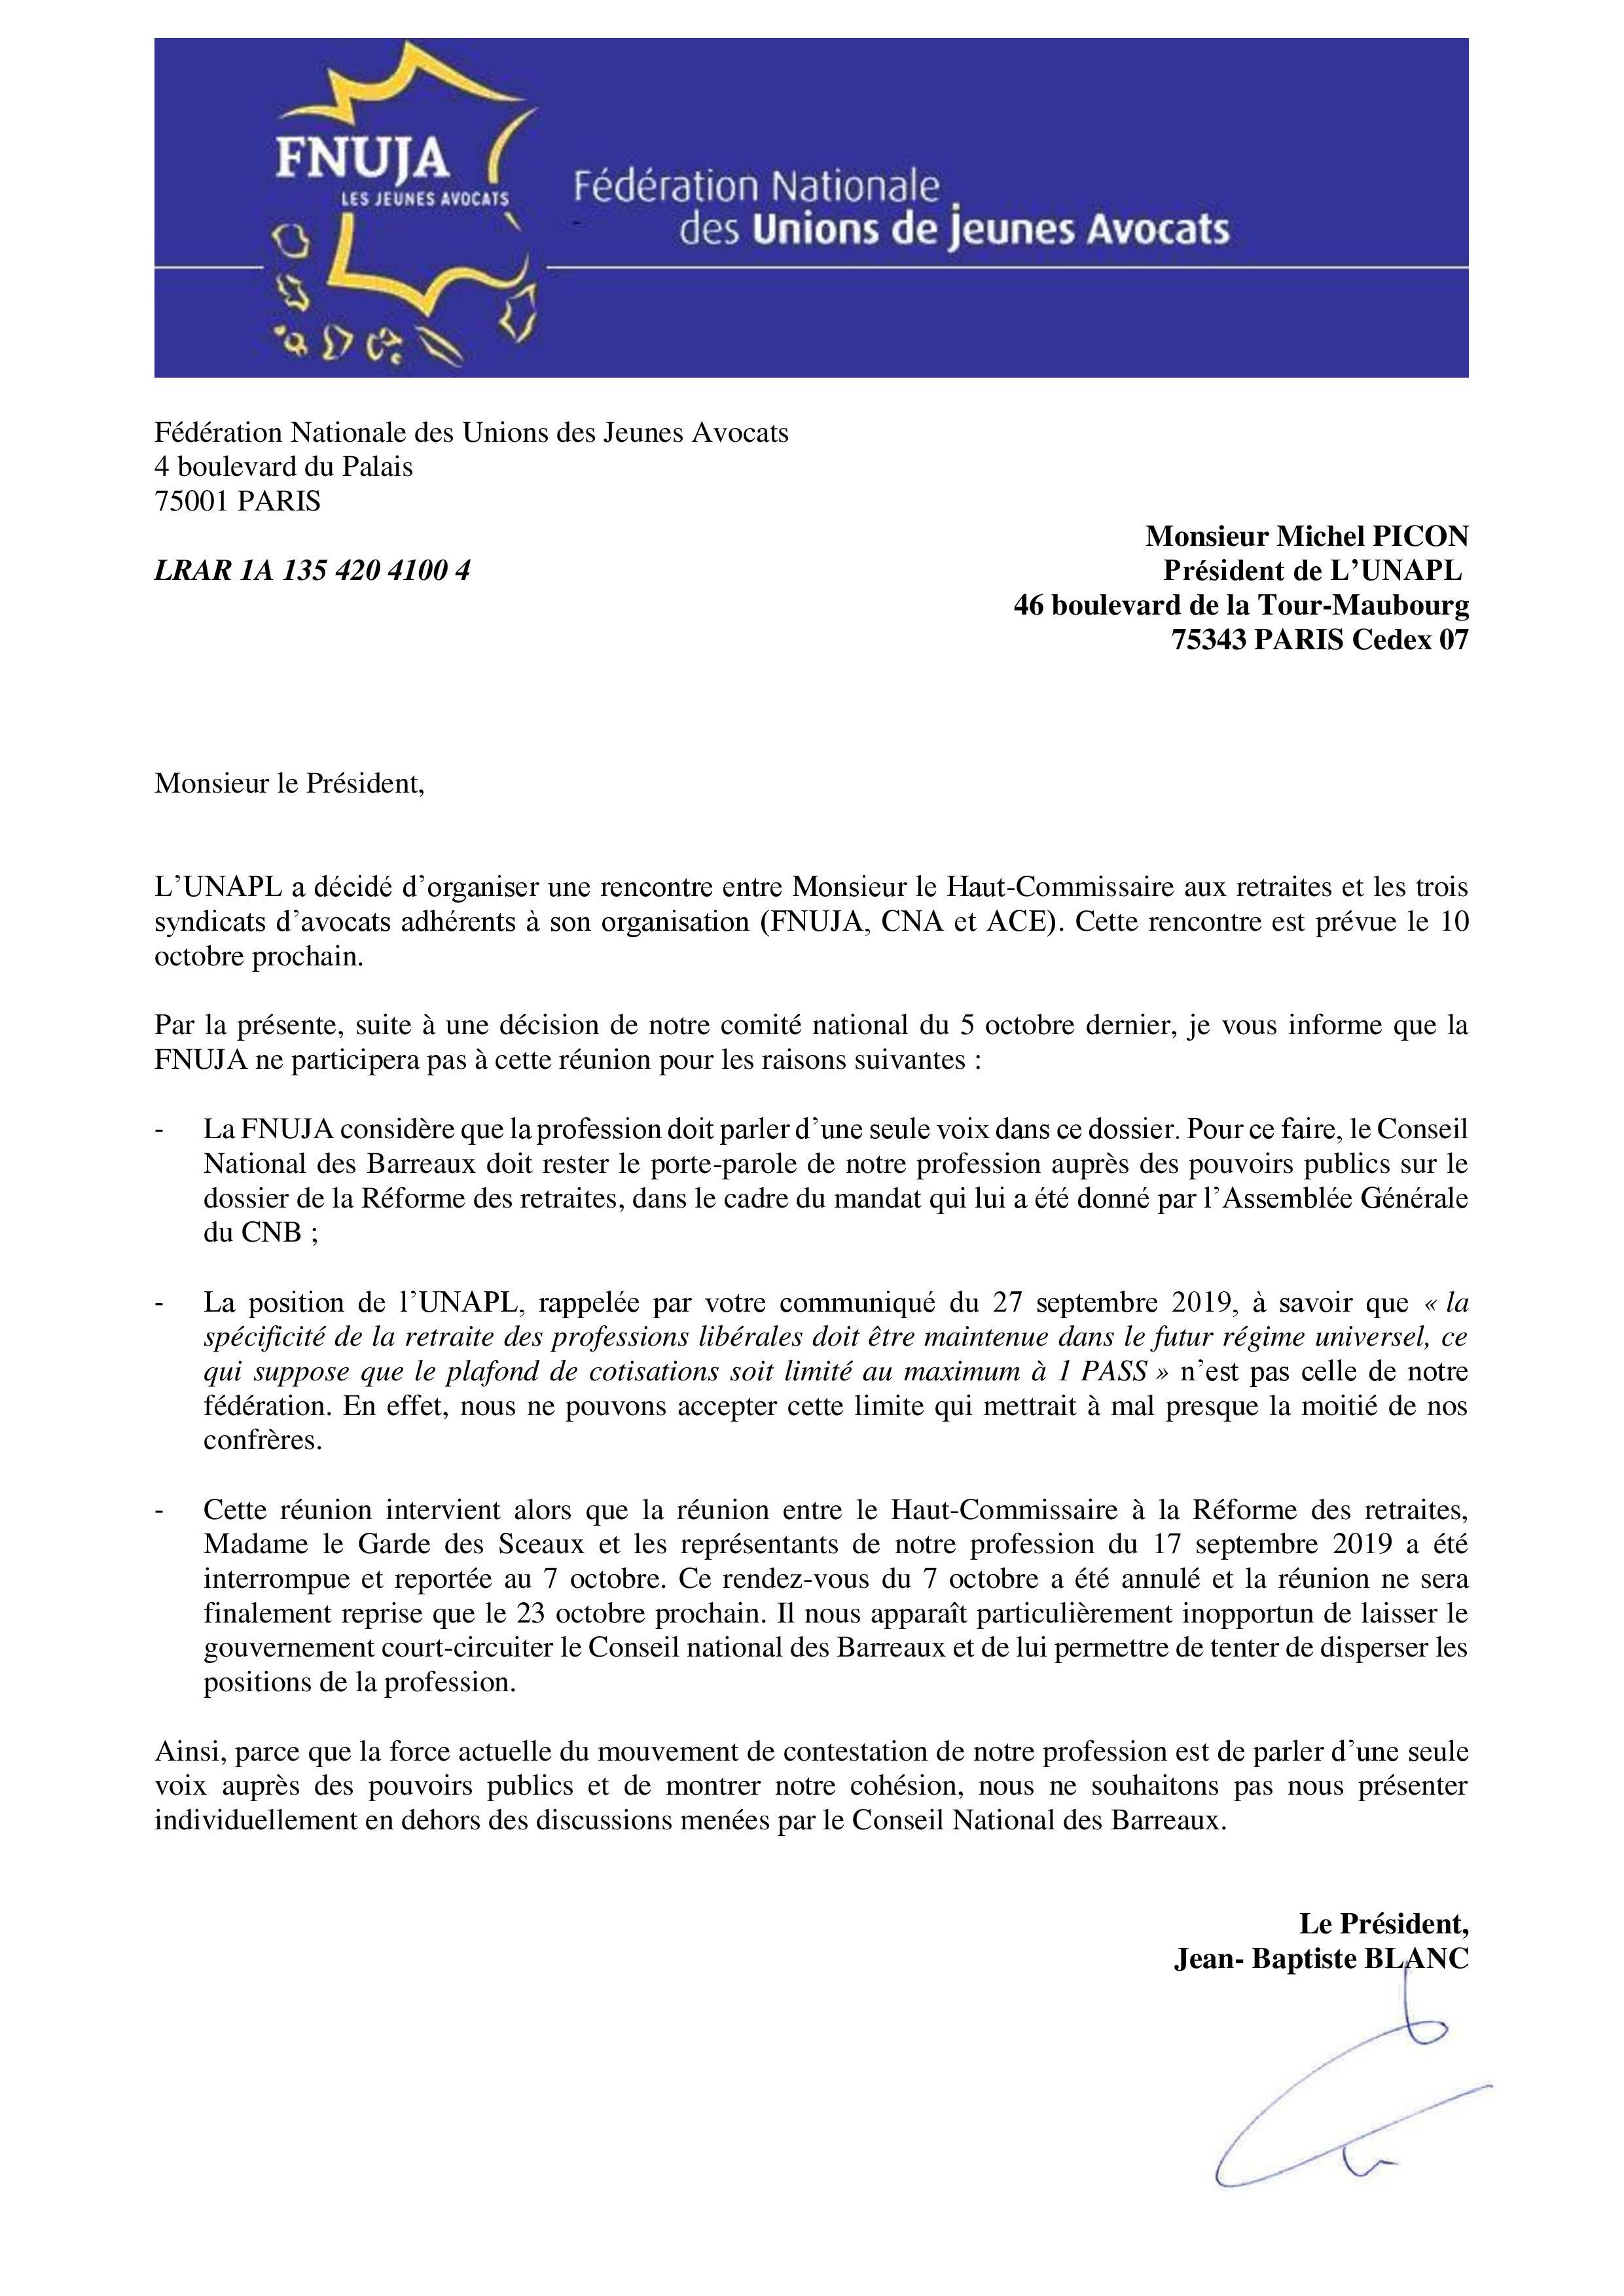 Courrier « ouvert » adressé au Président de l'UNAPL